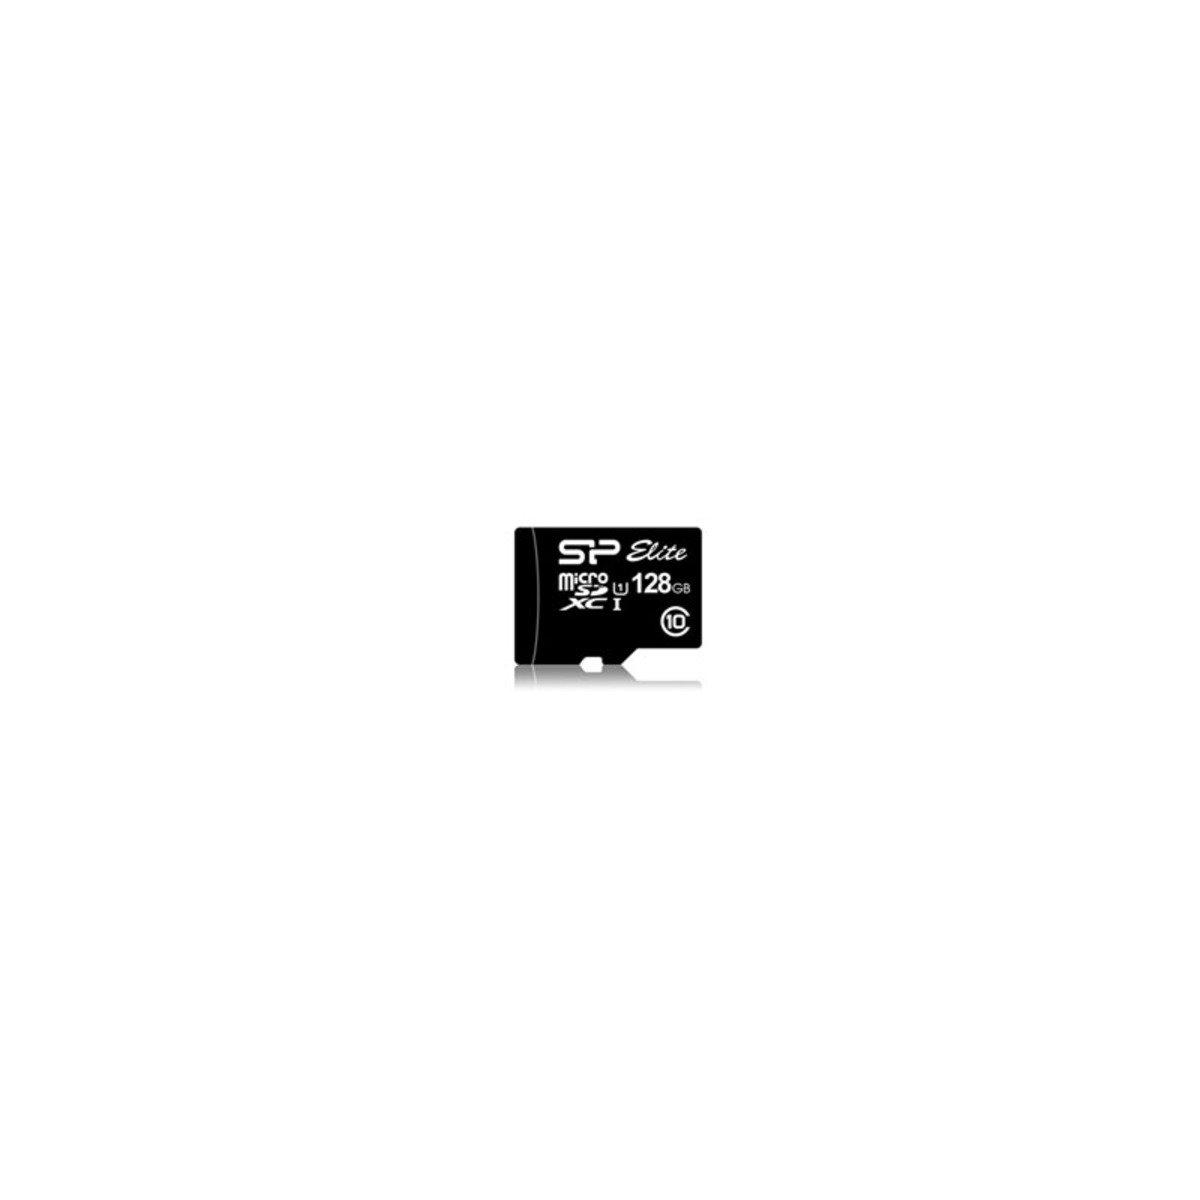 Elite系列 UHI-1 Class10 MicroSDXC 128GB ELITEXC128